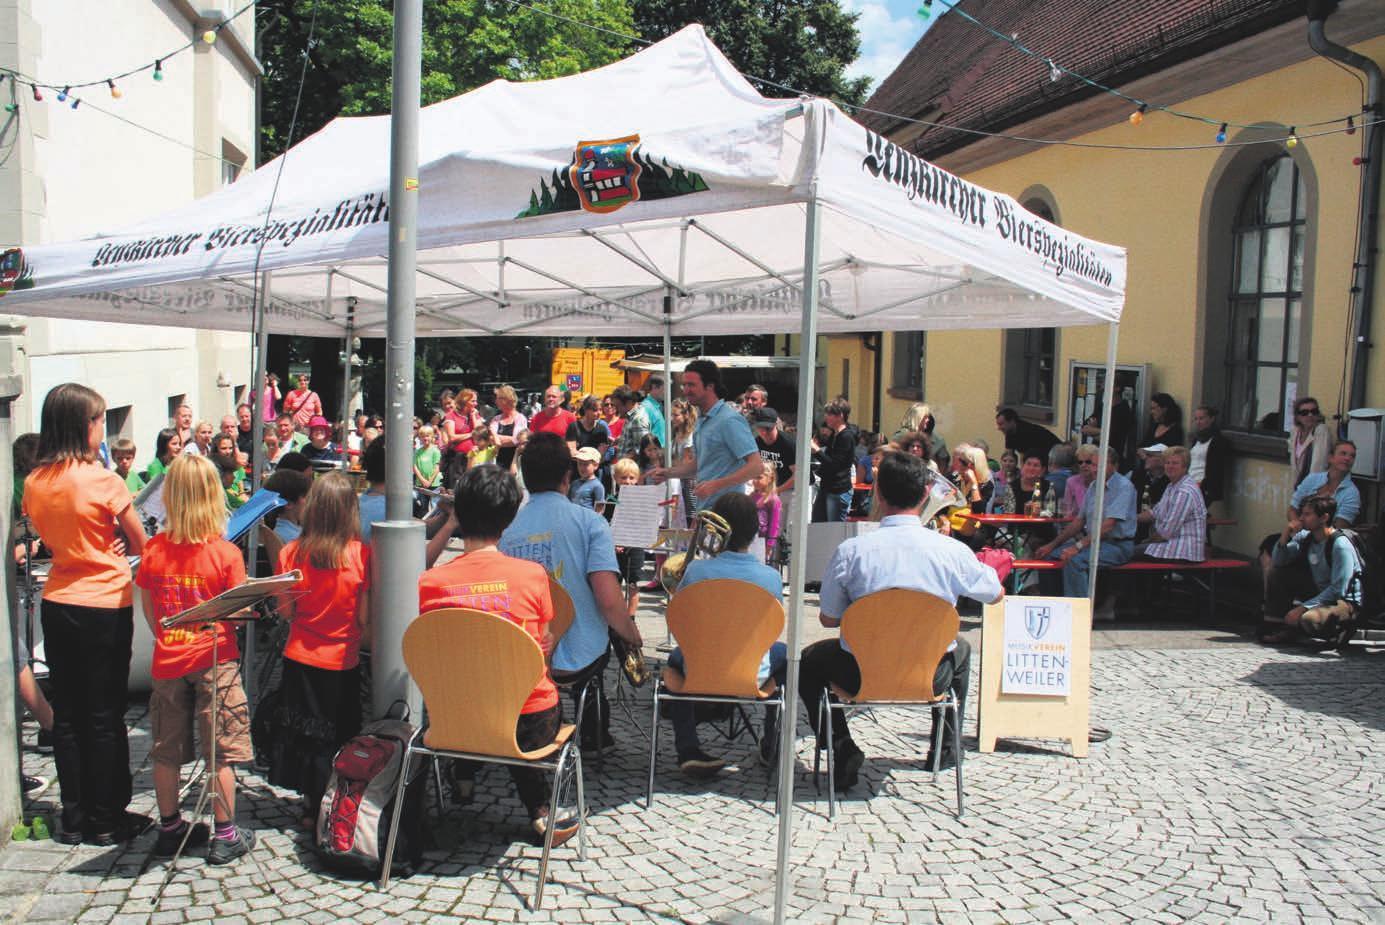 Der Musikverein Littenweiler wird auch beim diesjährigen Dorfplatzfest zur Unterhaltung aufspielen Foto: Gisela Heizler-Ries